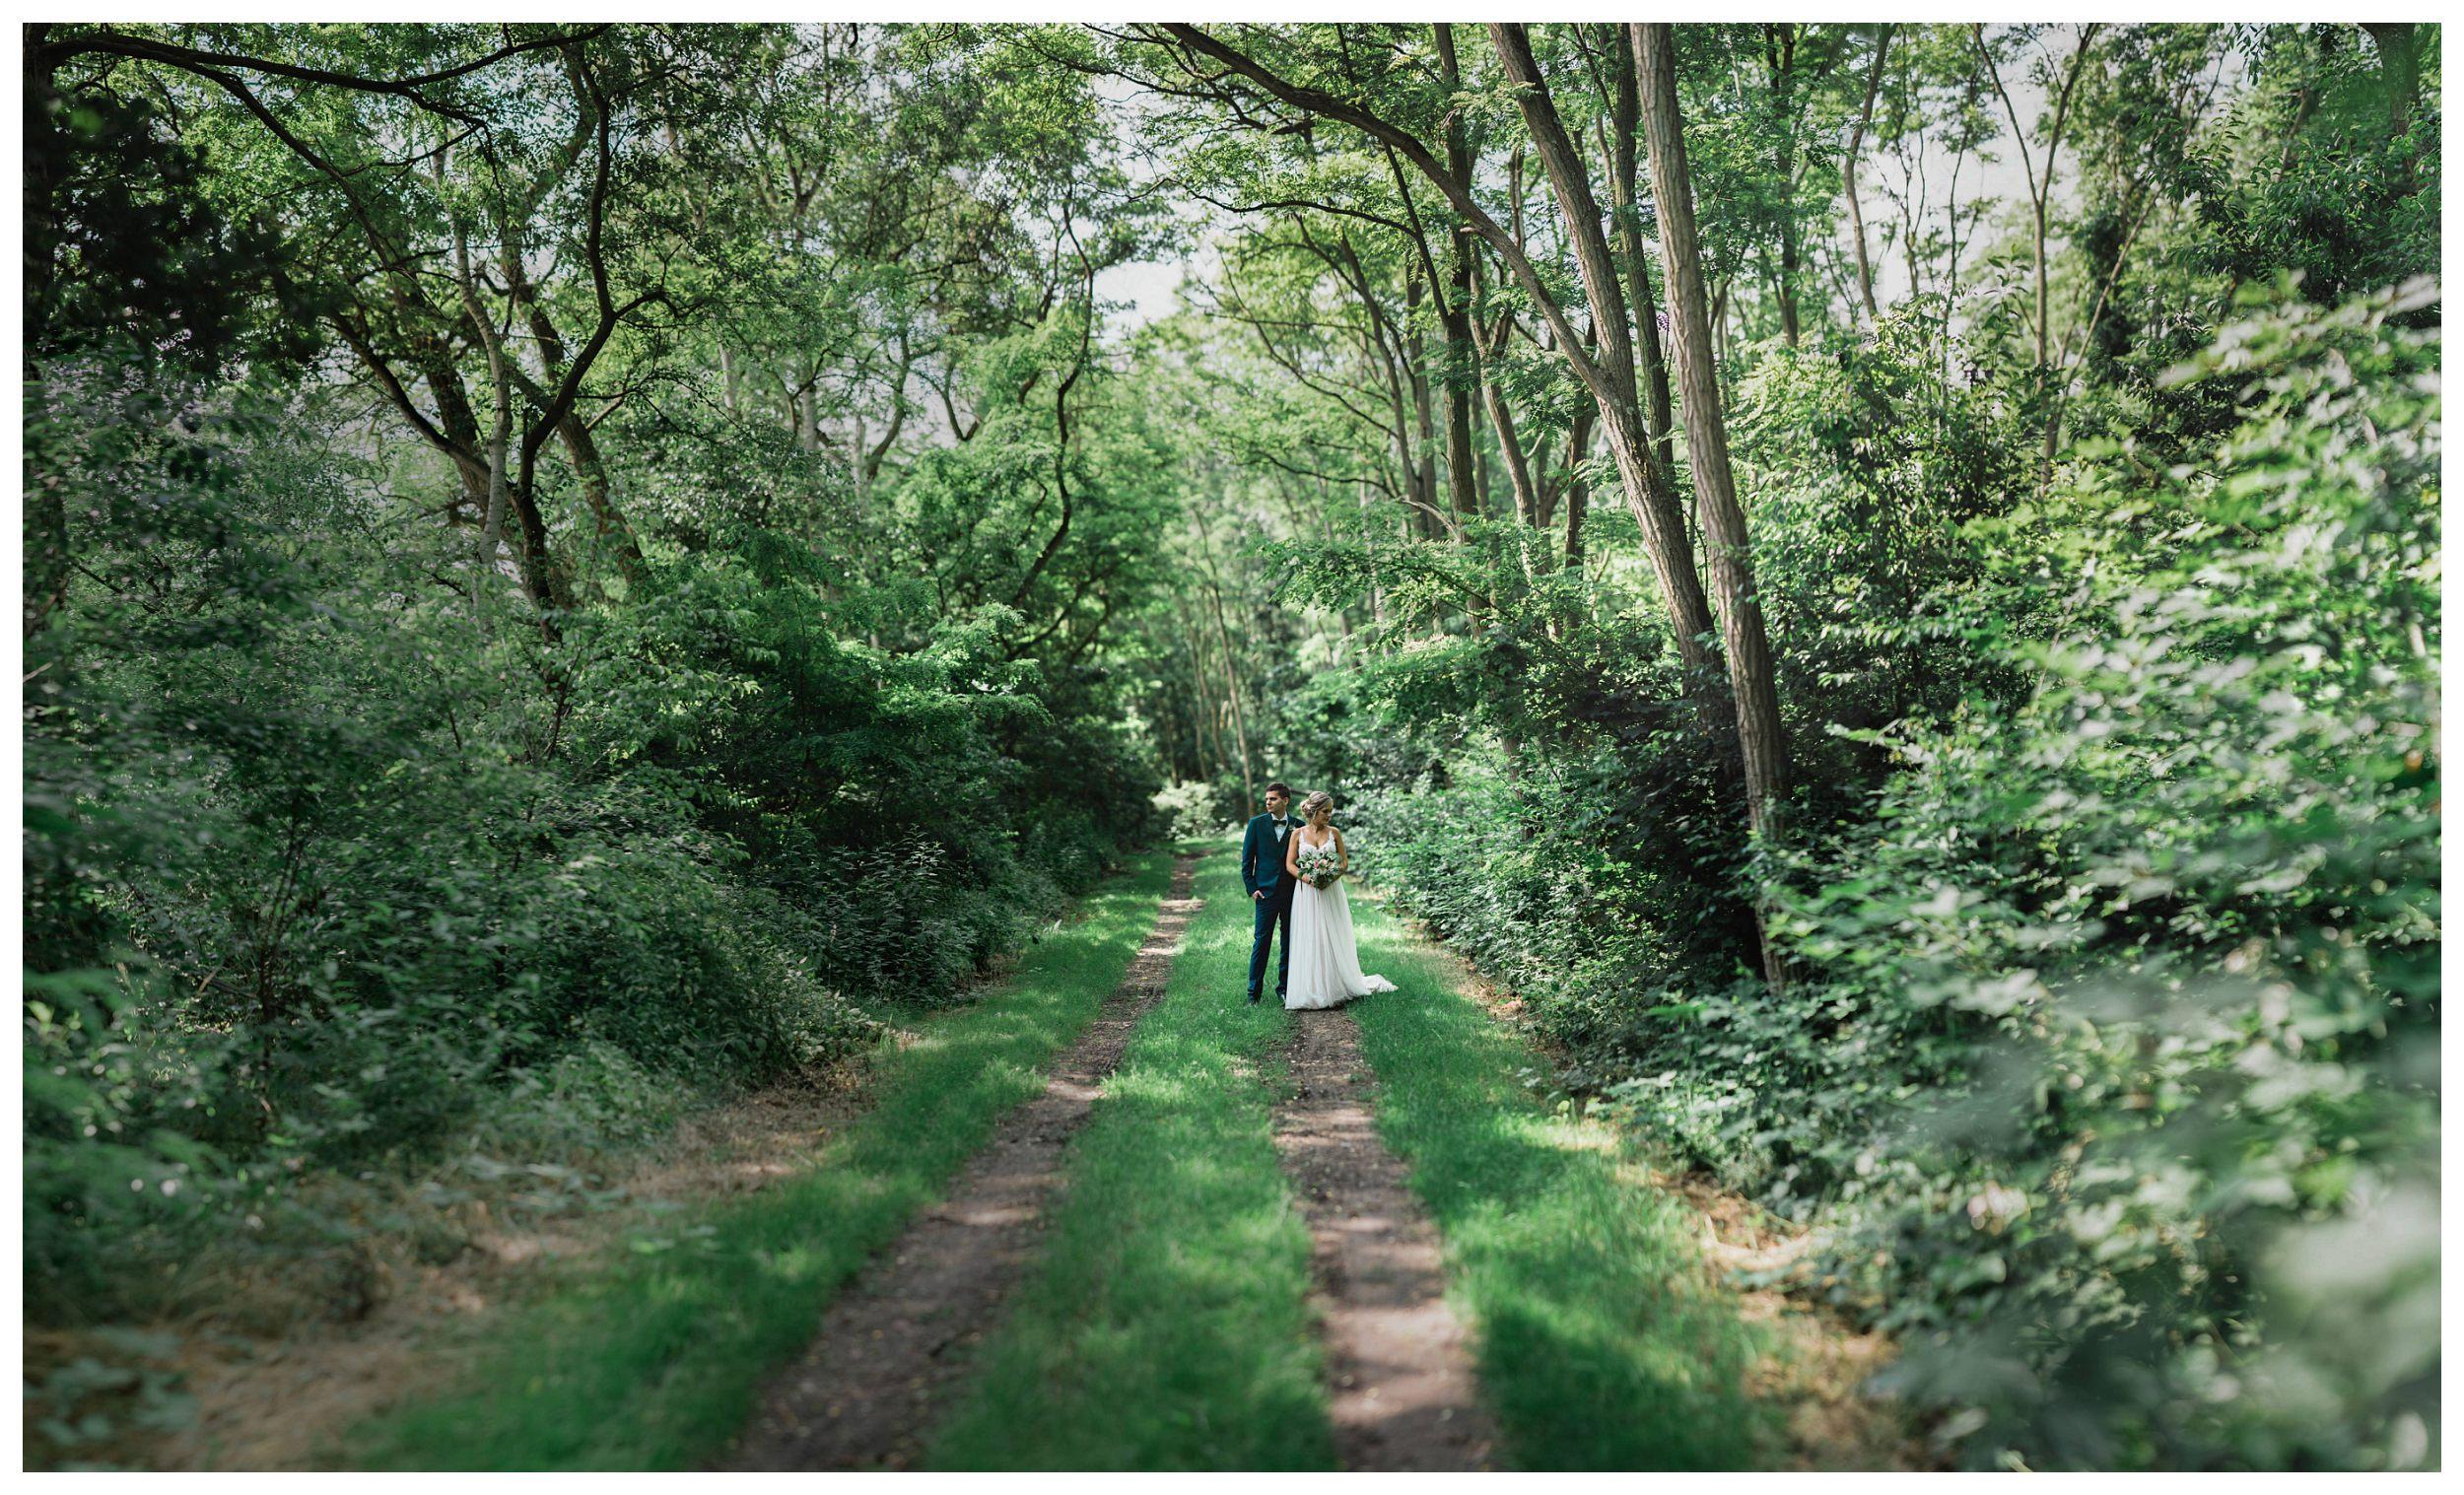 huwelijksfotograaf bruidsfotograaf destinationwedding huwelijksfotografie in mol oostham (26).jpg